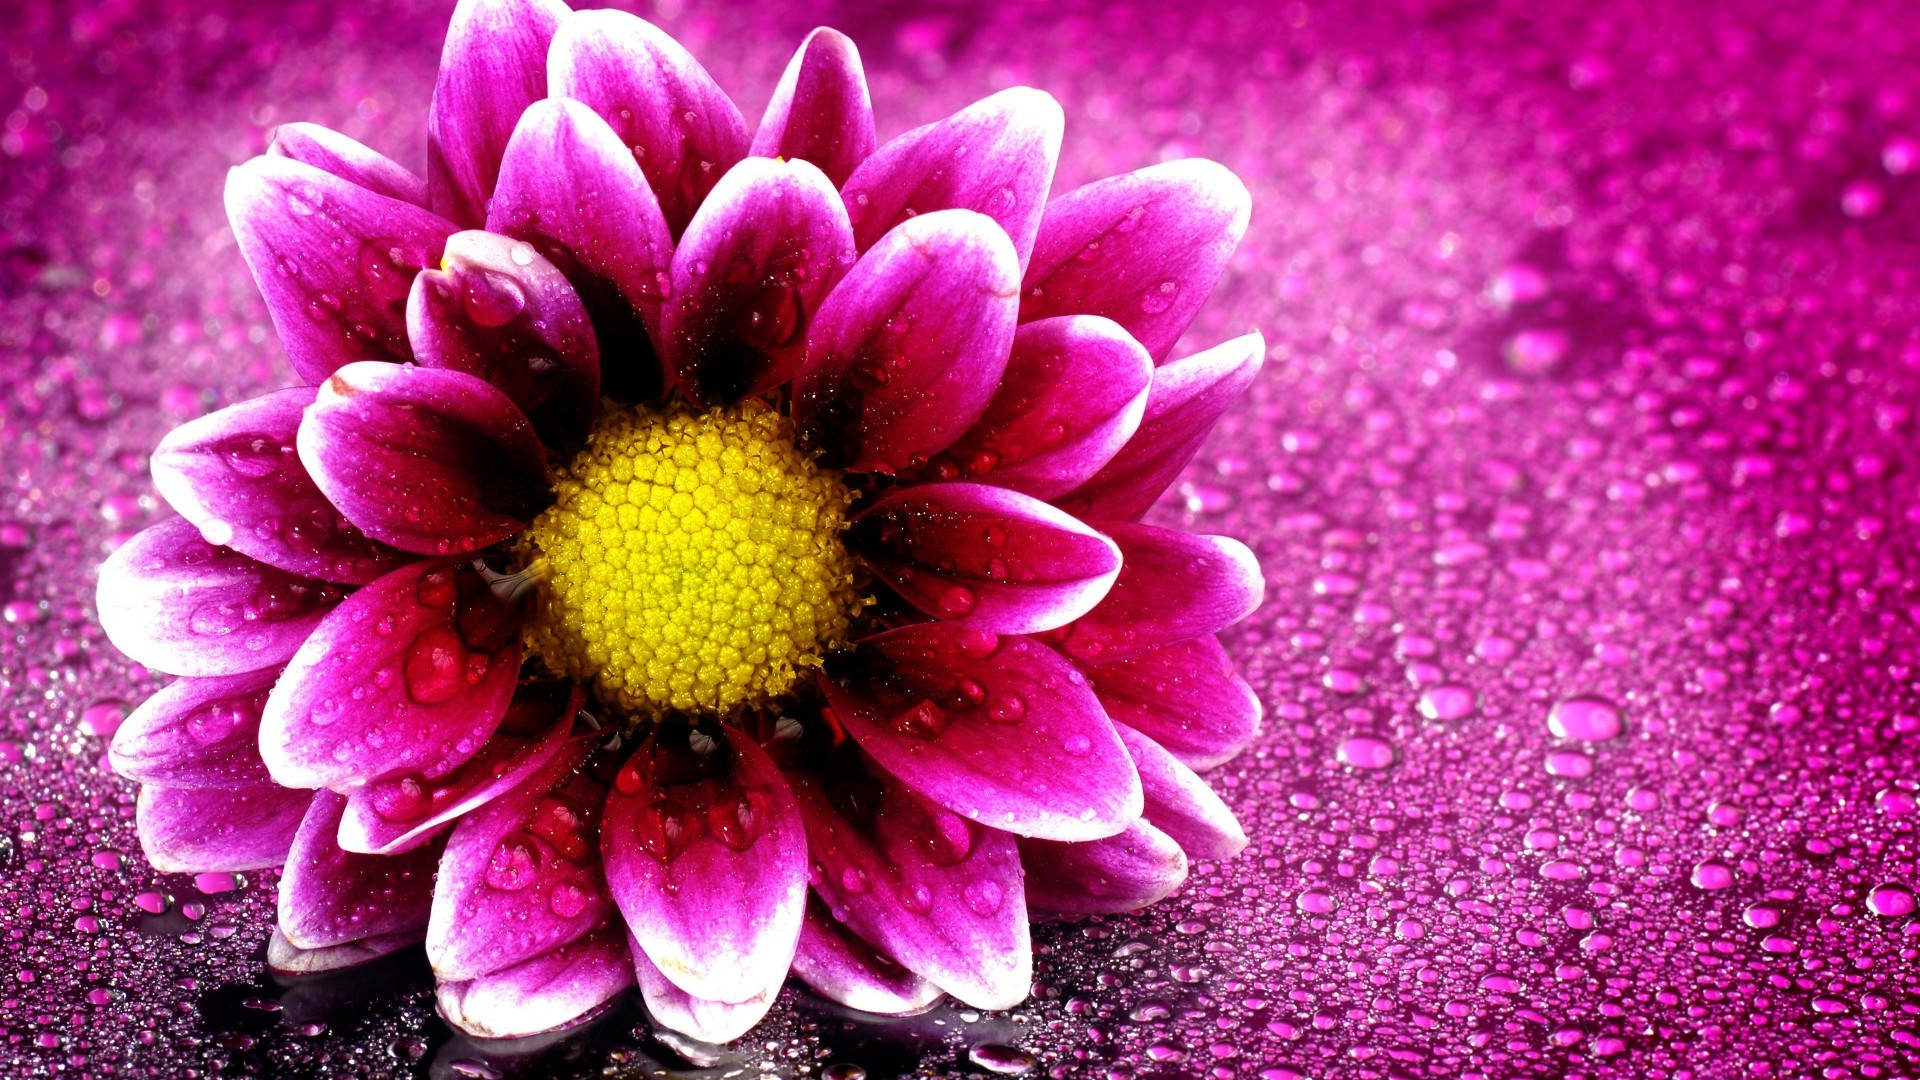 Beauty Flower Wallpaper Hd 2020 Cute Wallpapers